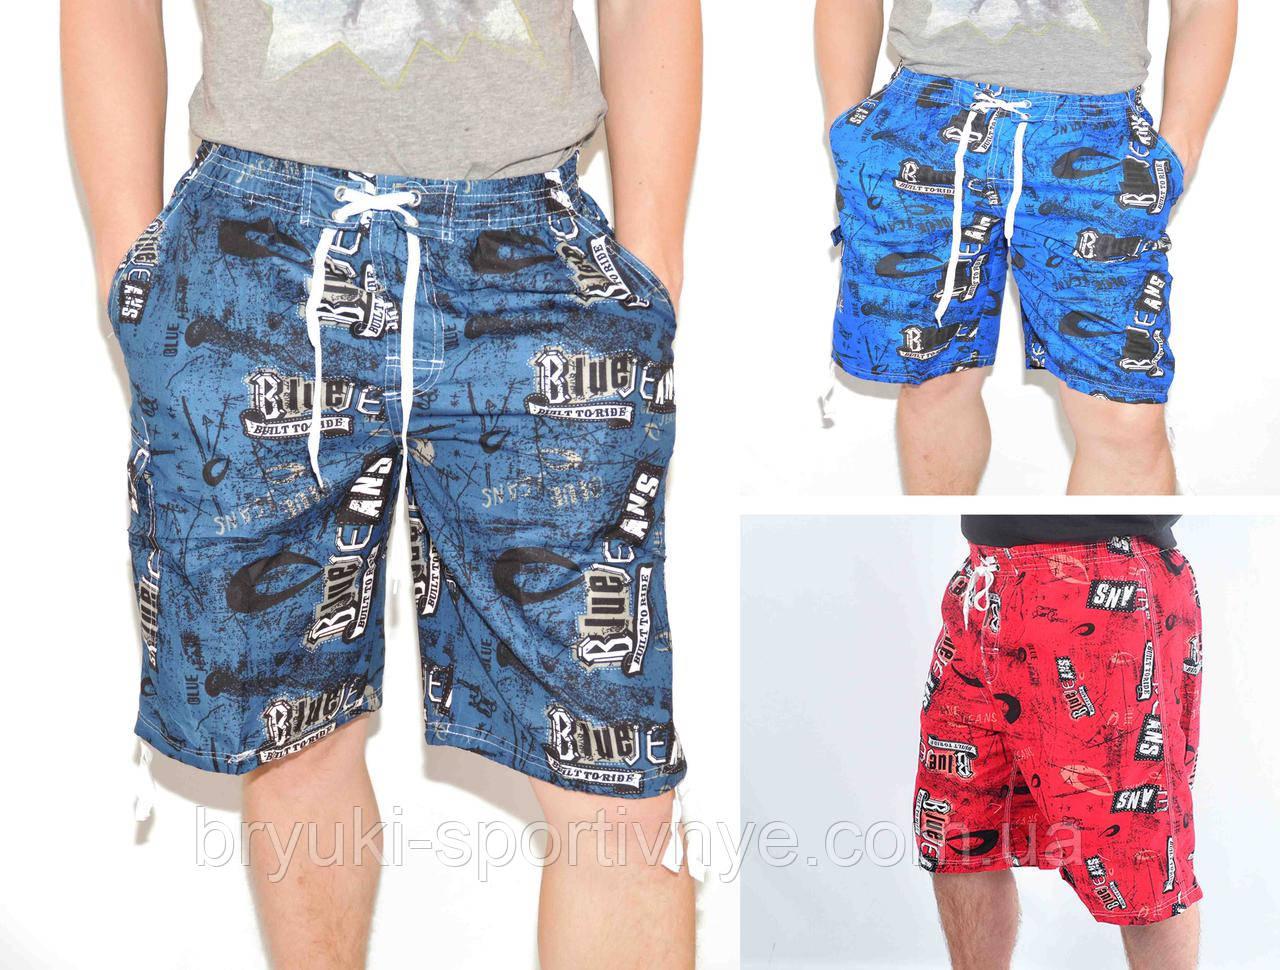 Бриджи мужские пляжные с накладным карманом - Газета